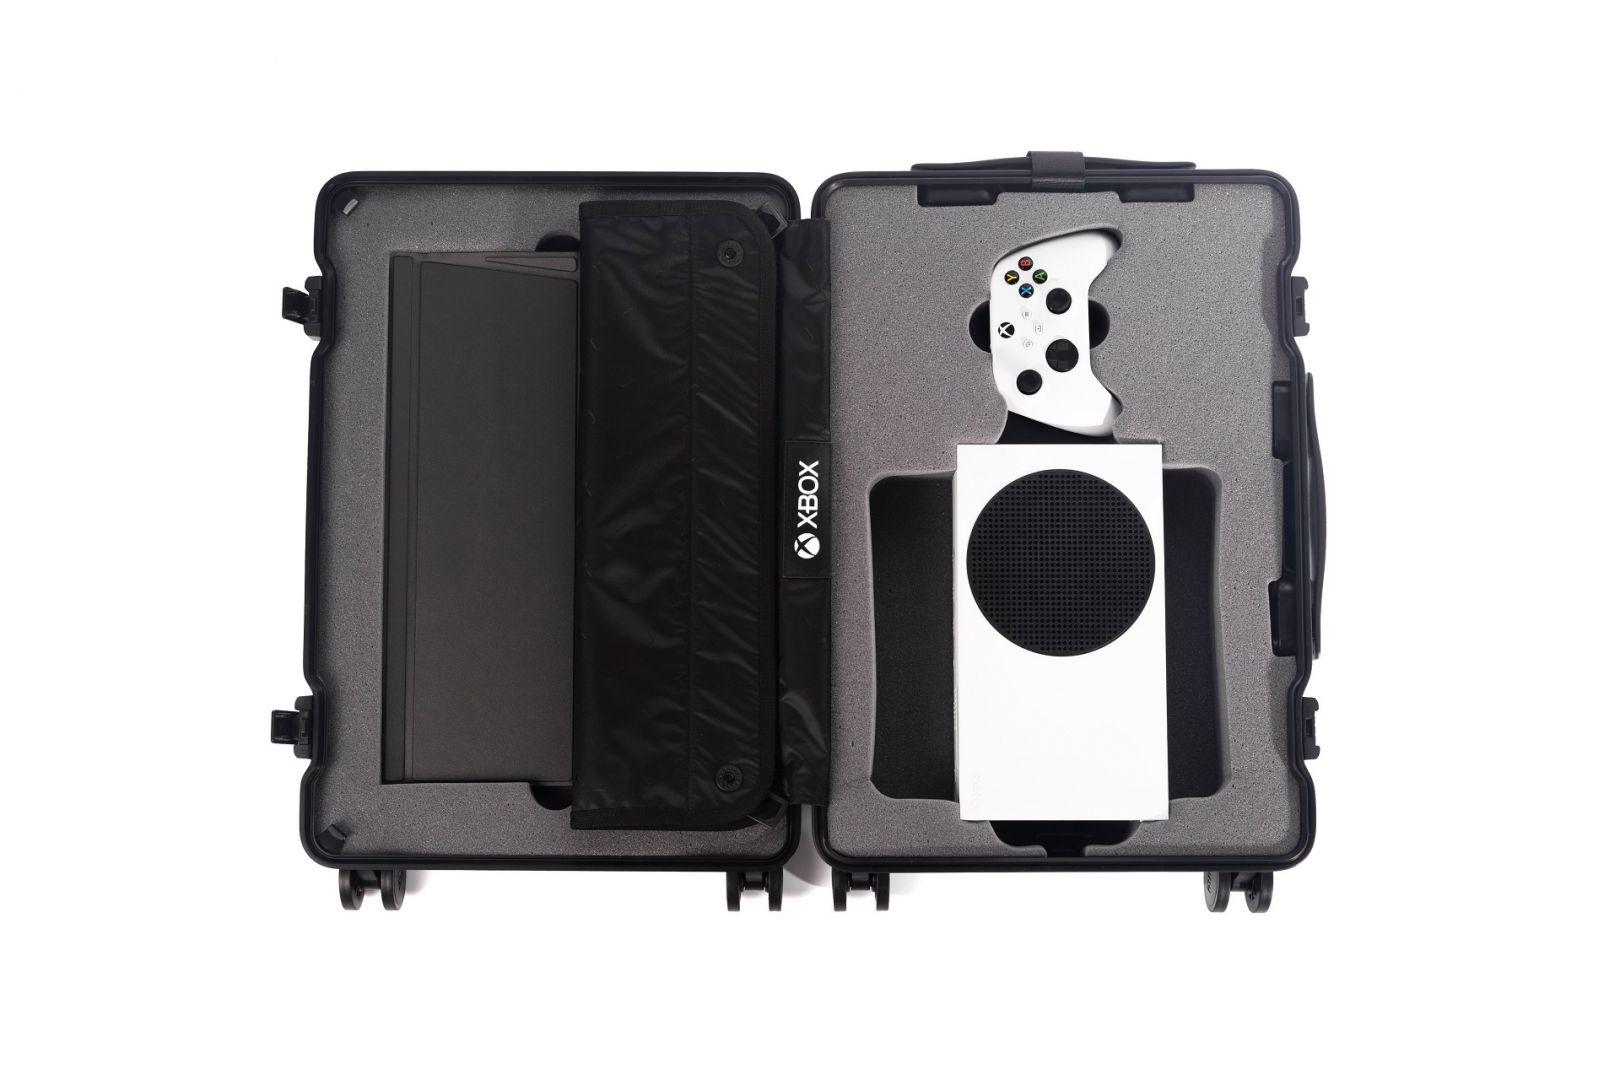 Xbox lanza esta espectacular maleta para llevar Xbox Series S de viaje - Xbox ha lanzado una interesante iniciativa para potenciar el lanzamiento de Microsoft Flight Simulator con esta maleta de Xbox Series S.